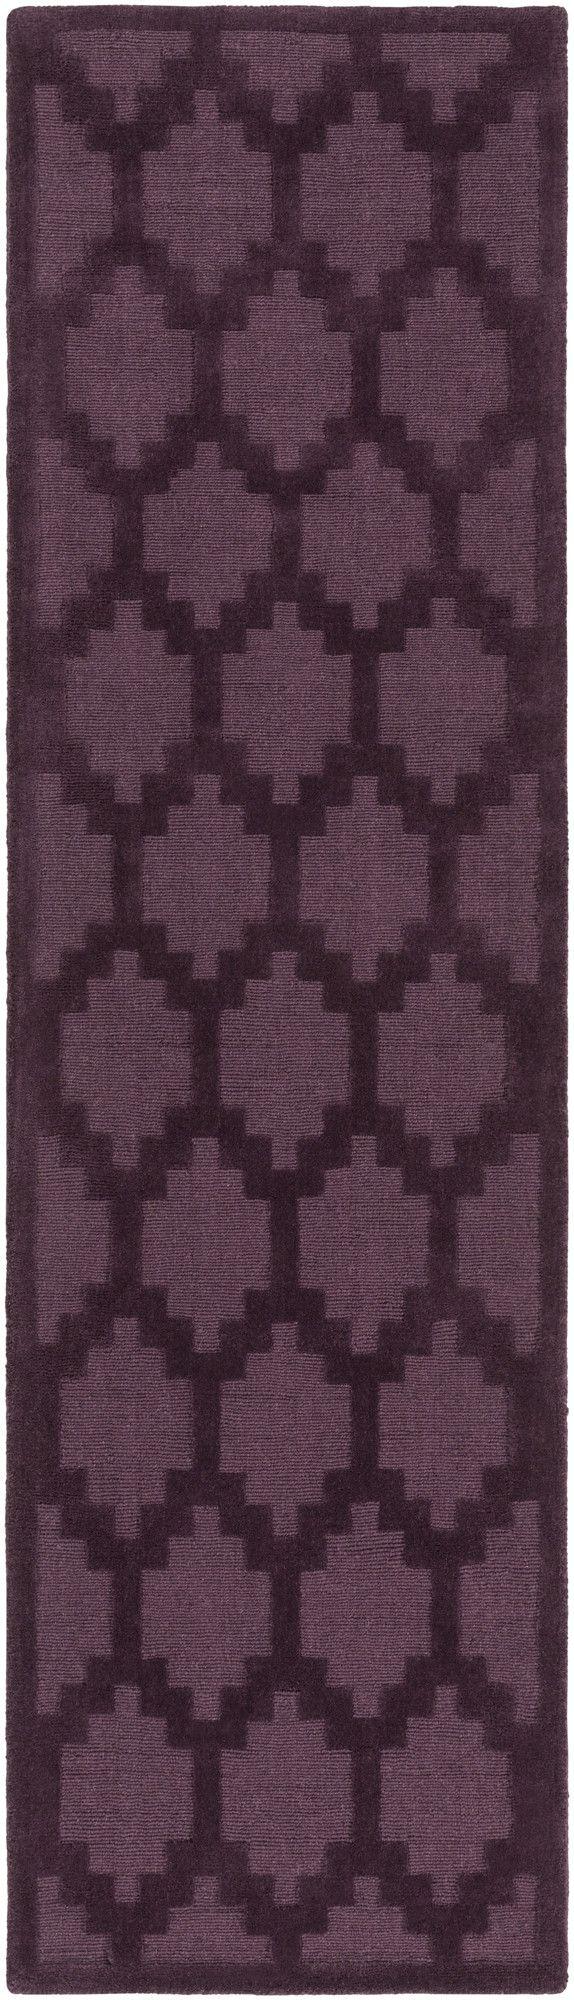 Metro Riley Hand-Loomed Purple Area Rug